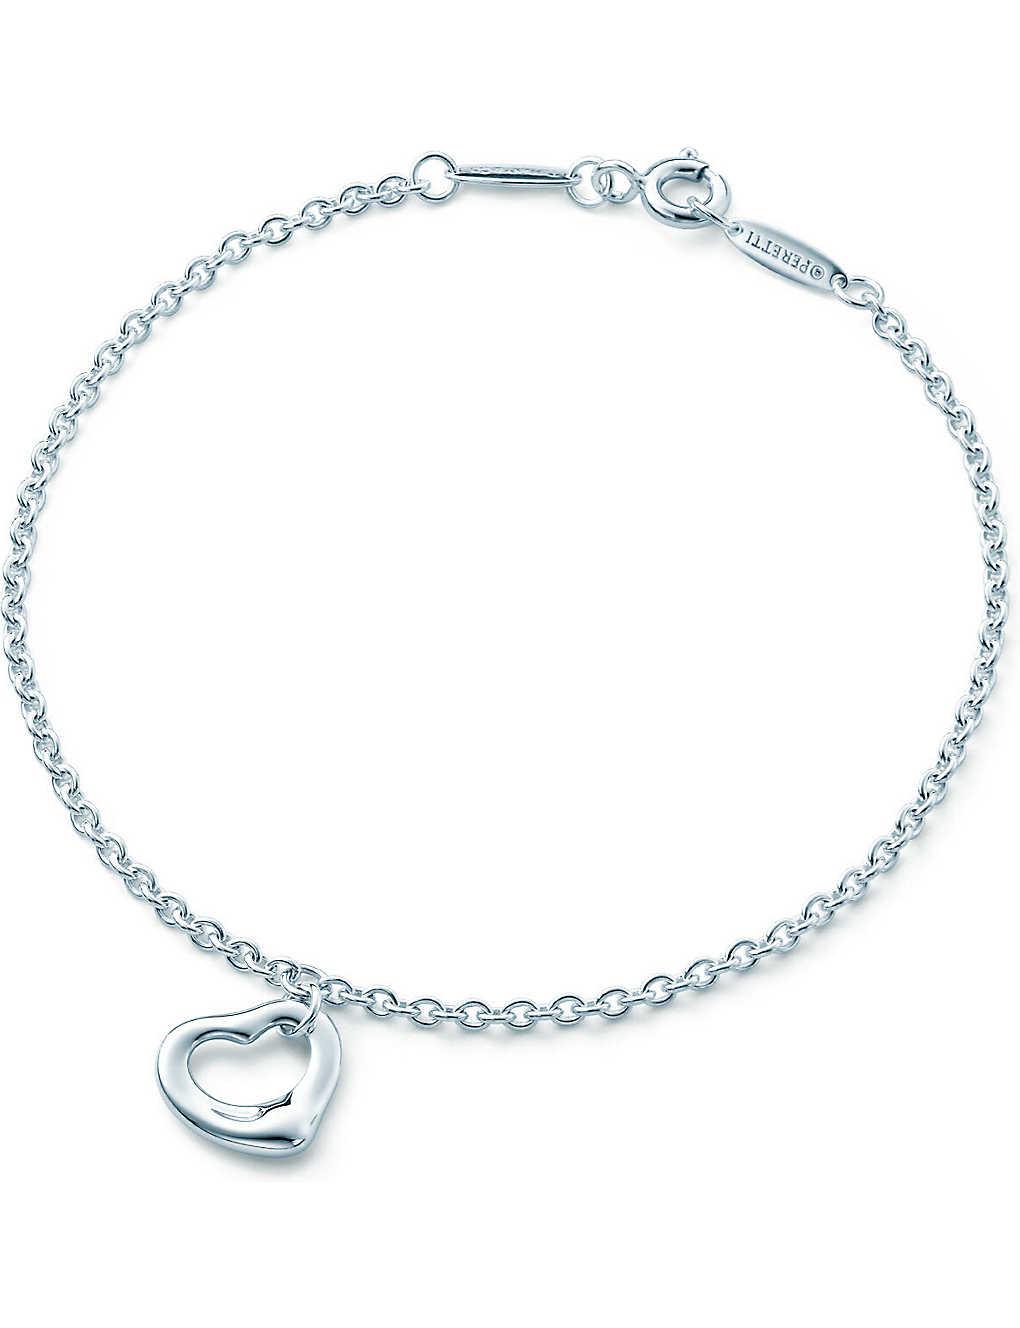 6dbf5f111 TIFFANY & CO - Elsa Peretti® Open Heart bracelet in sterling silver ...